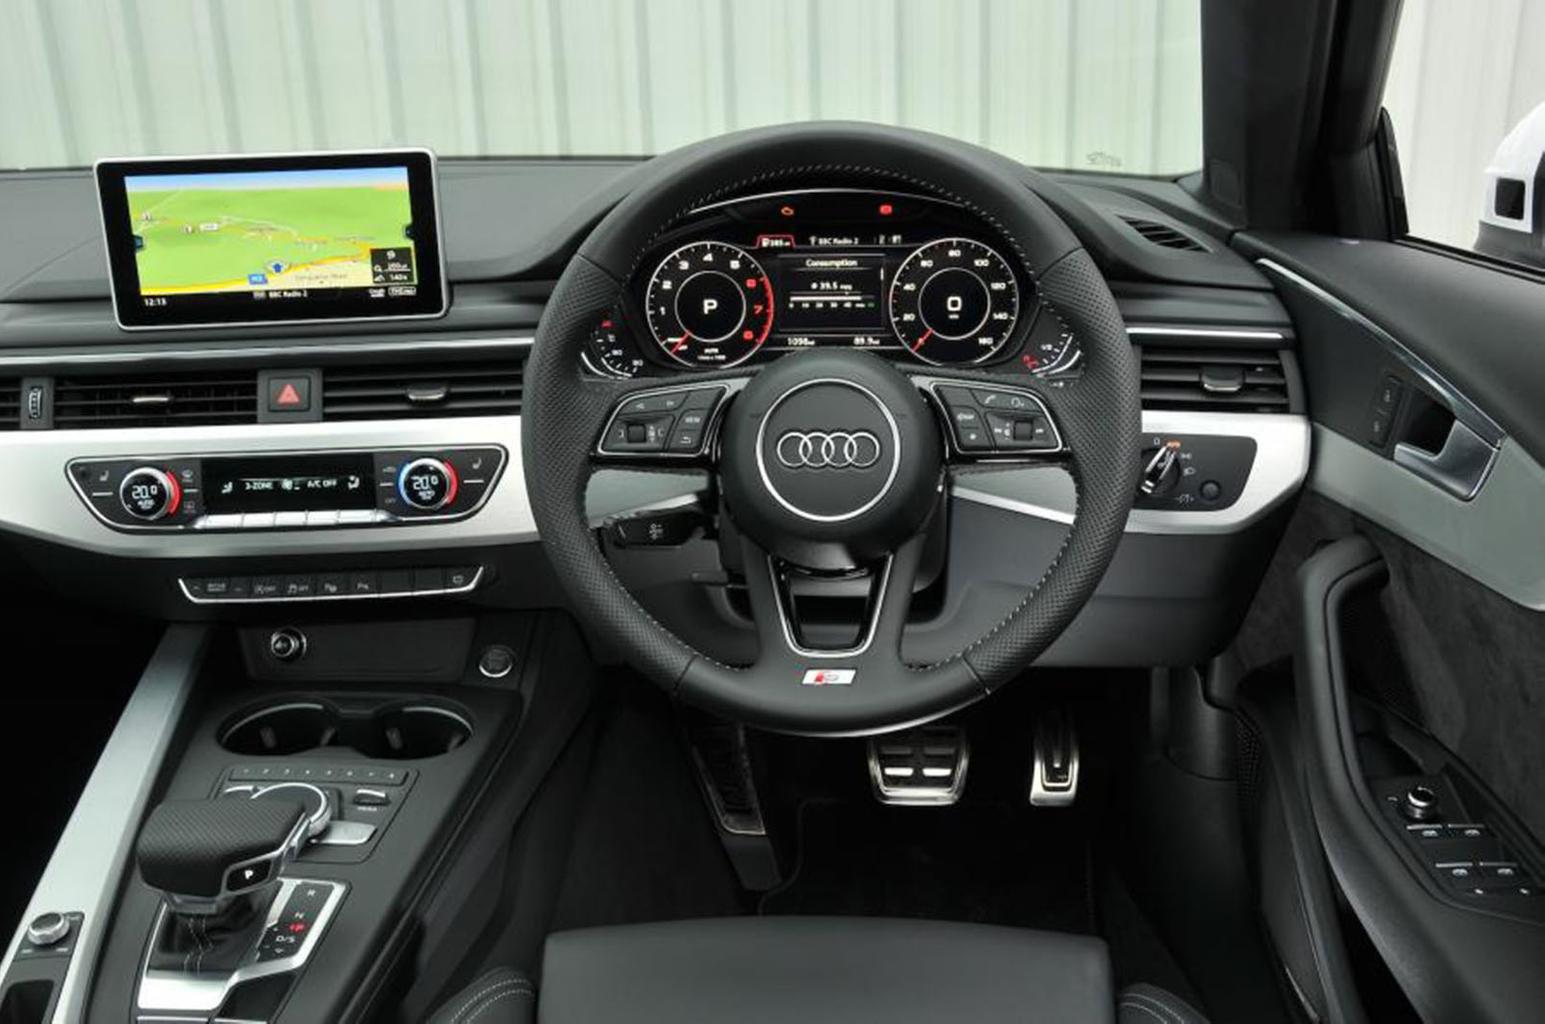 Audi A4 Avant - interior